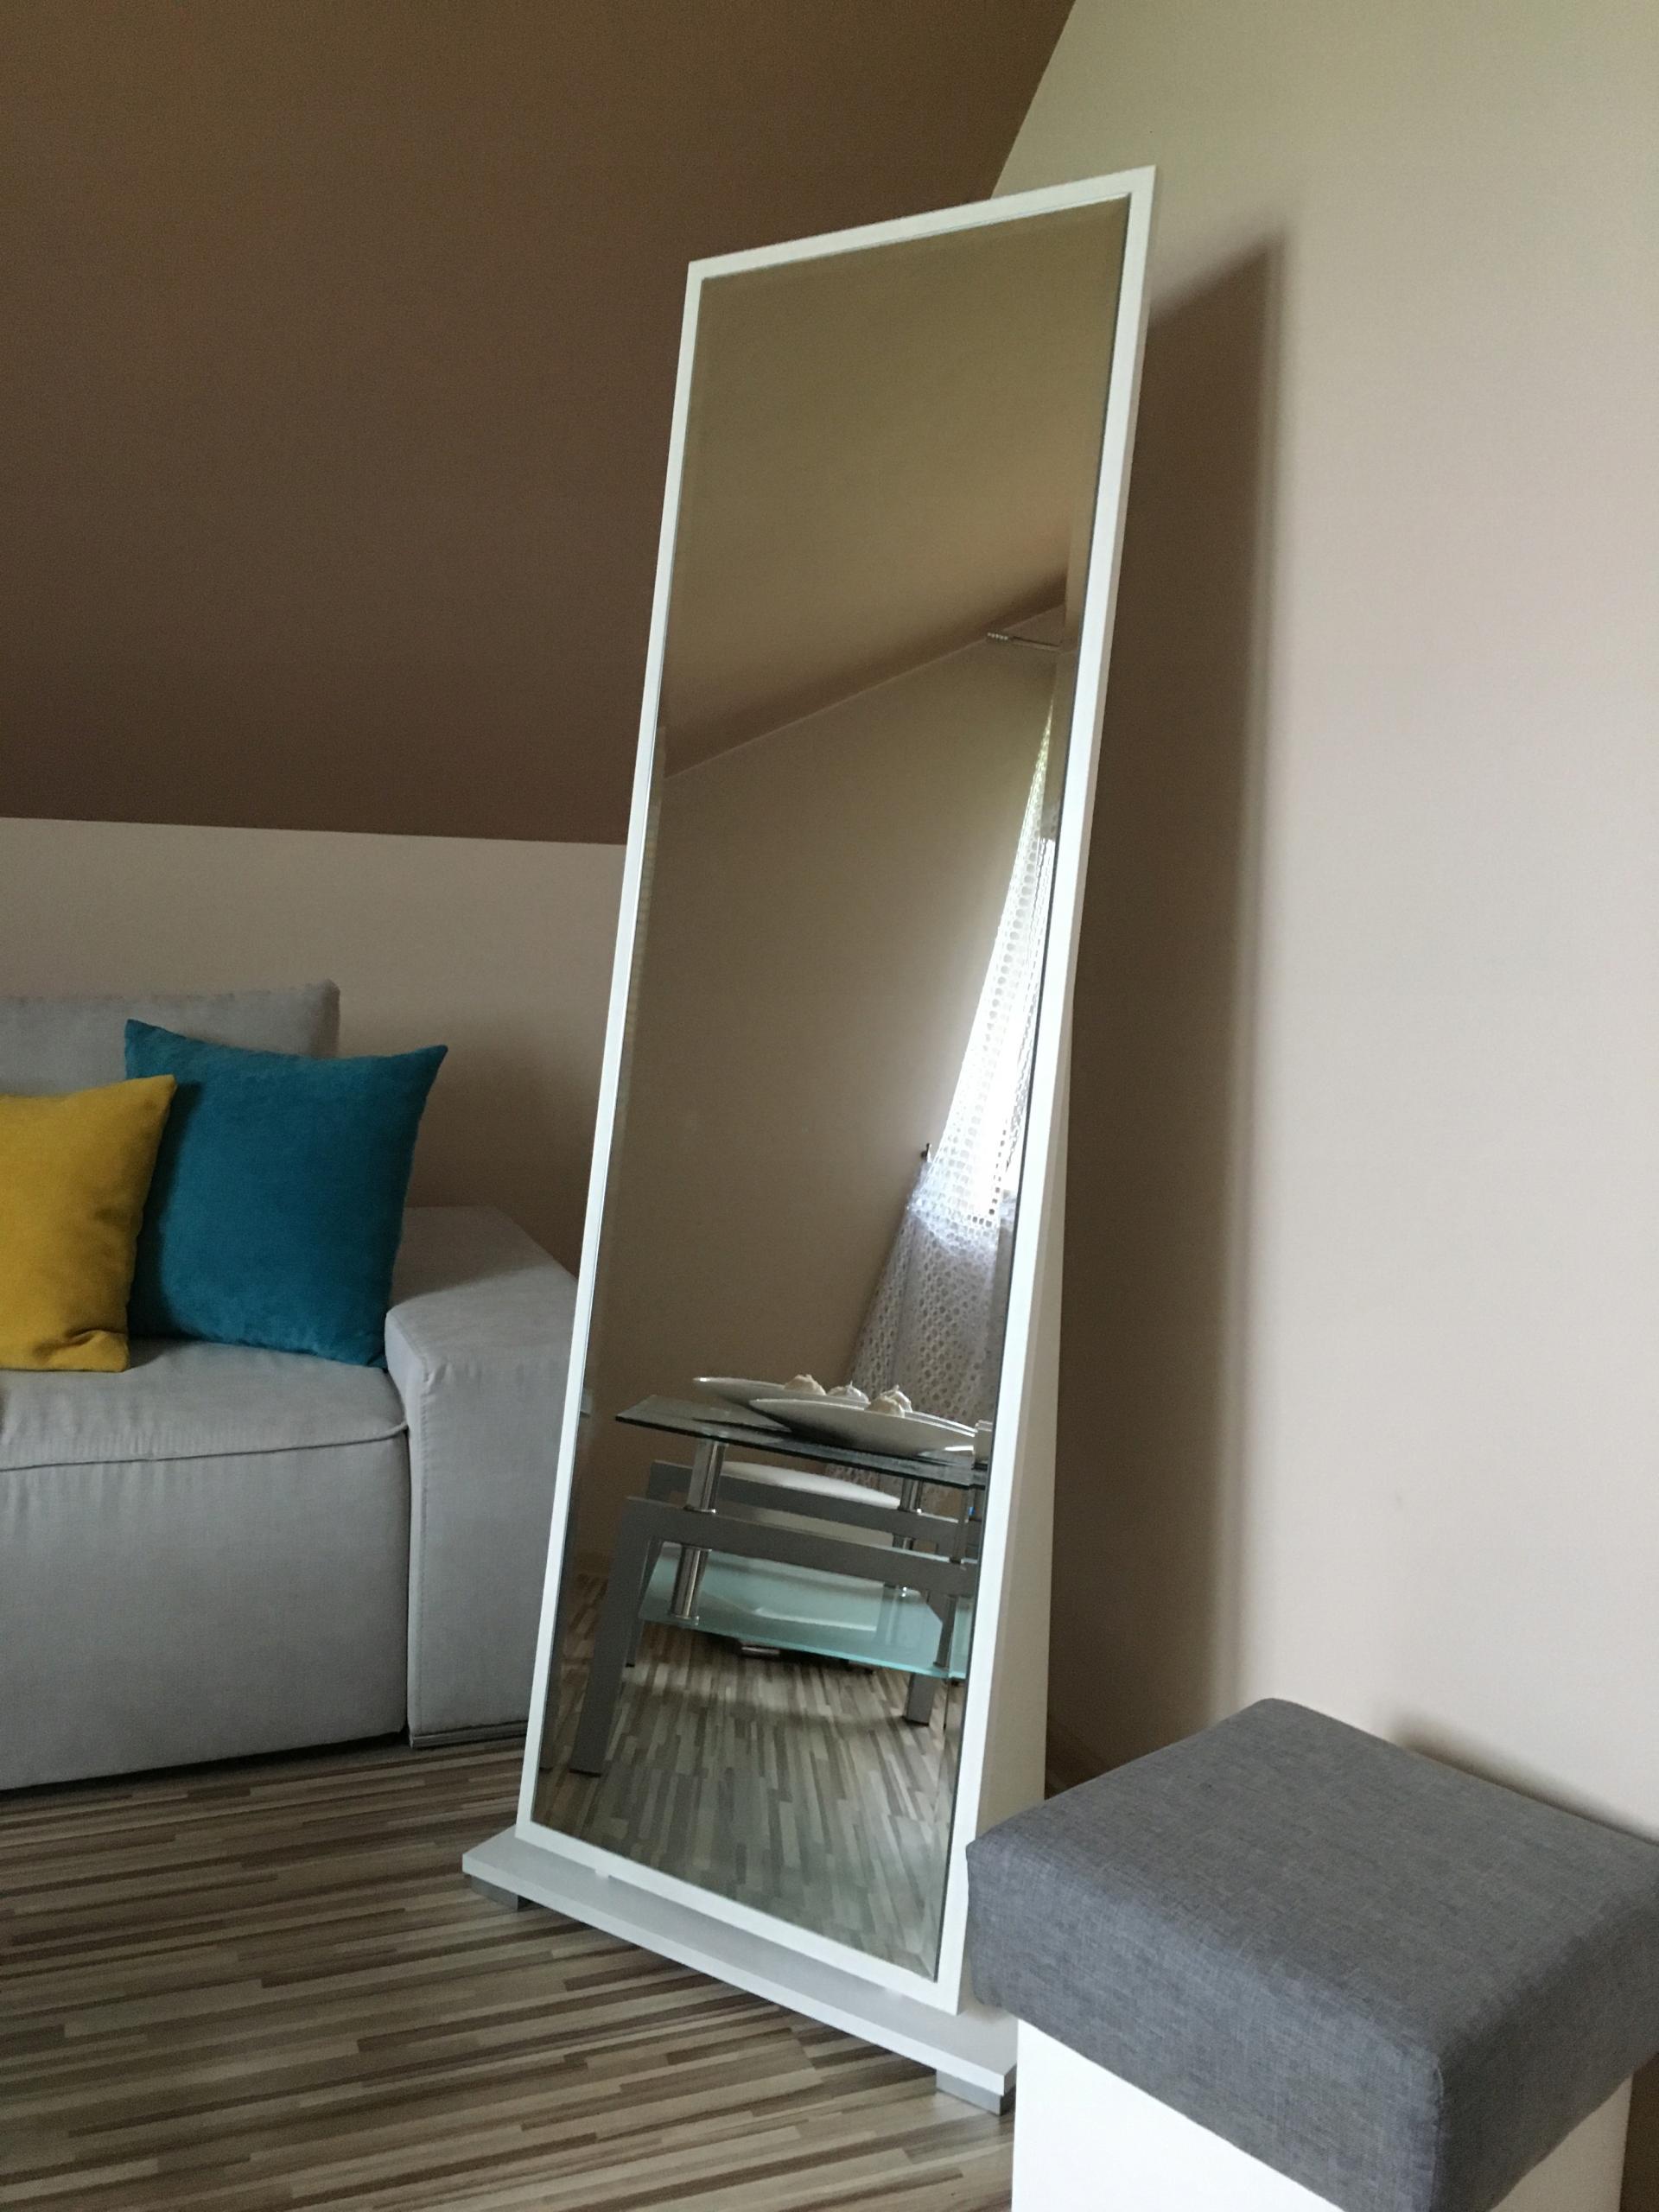 Vysoko moderné zrkadlo pre spálne v rámci